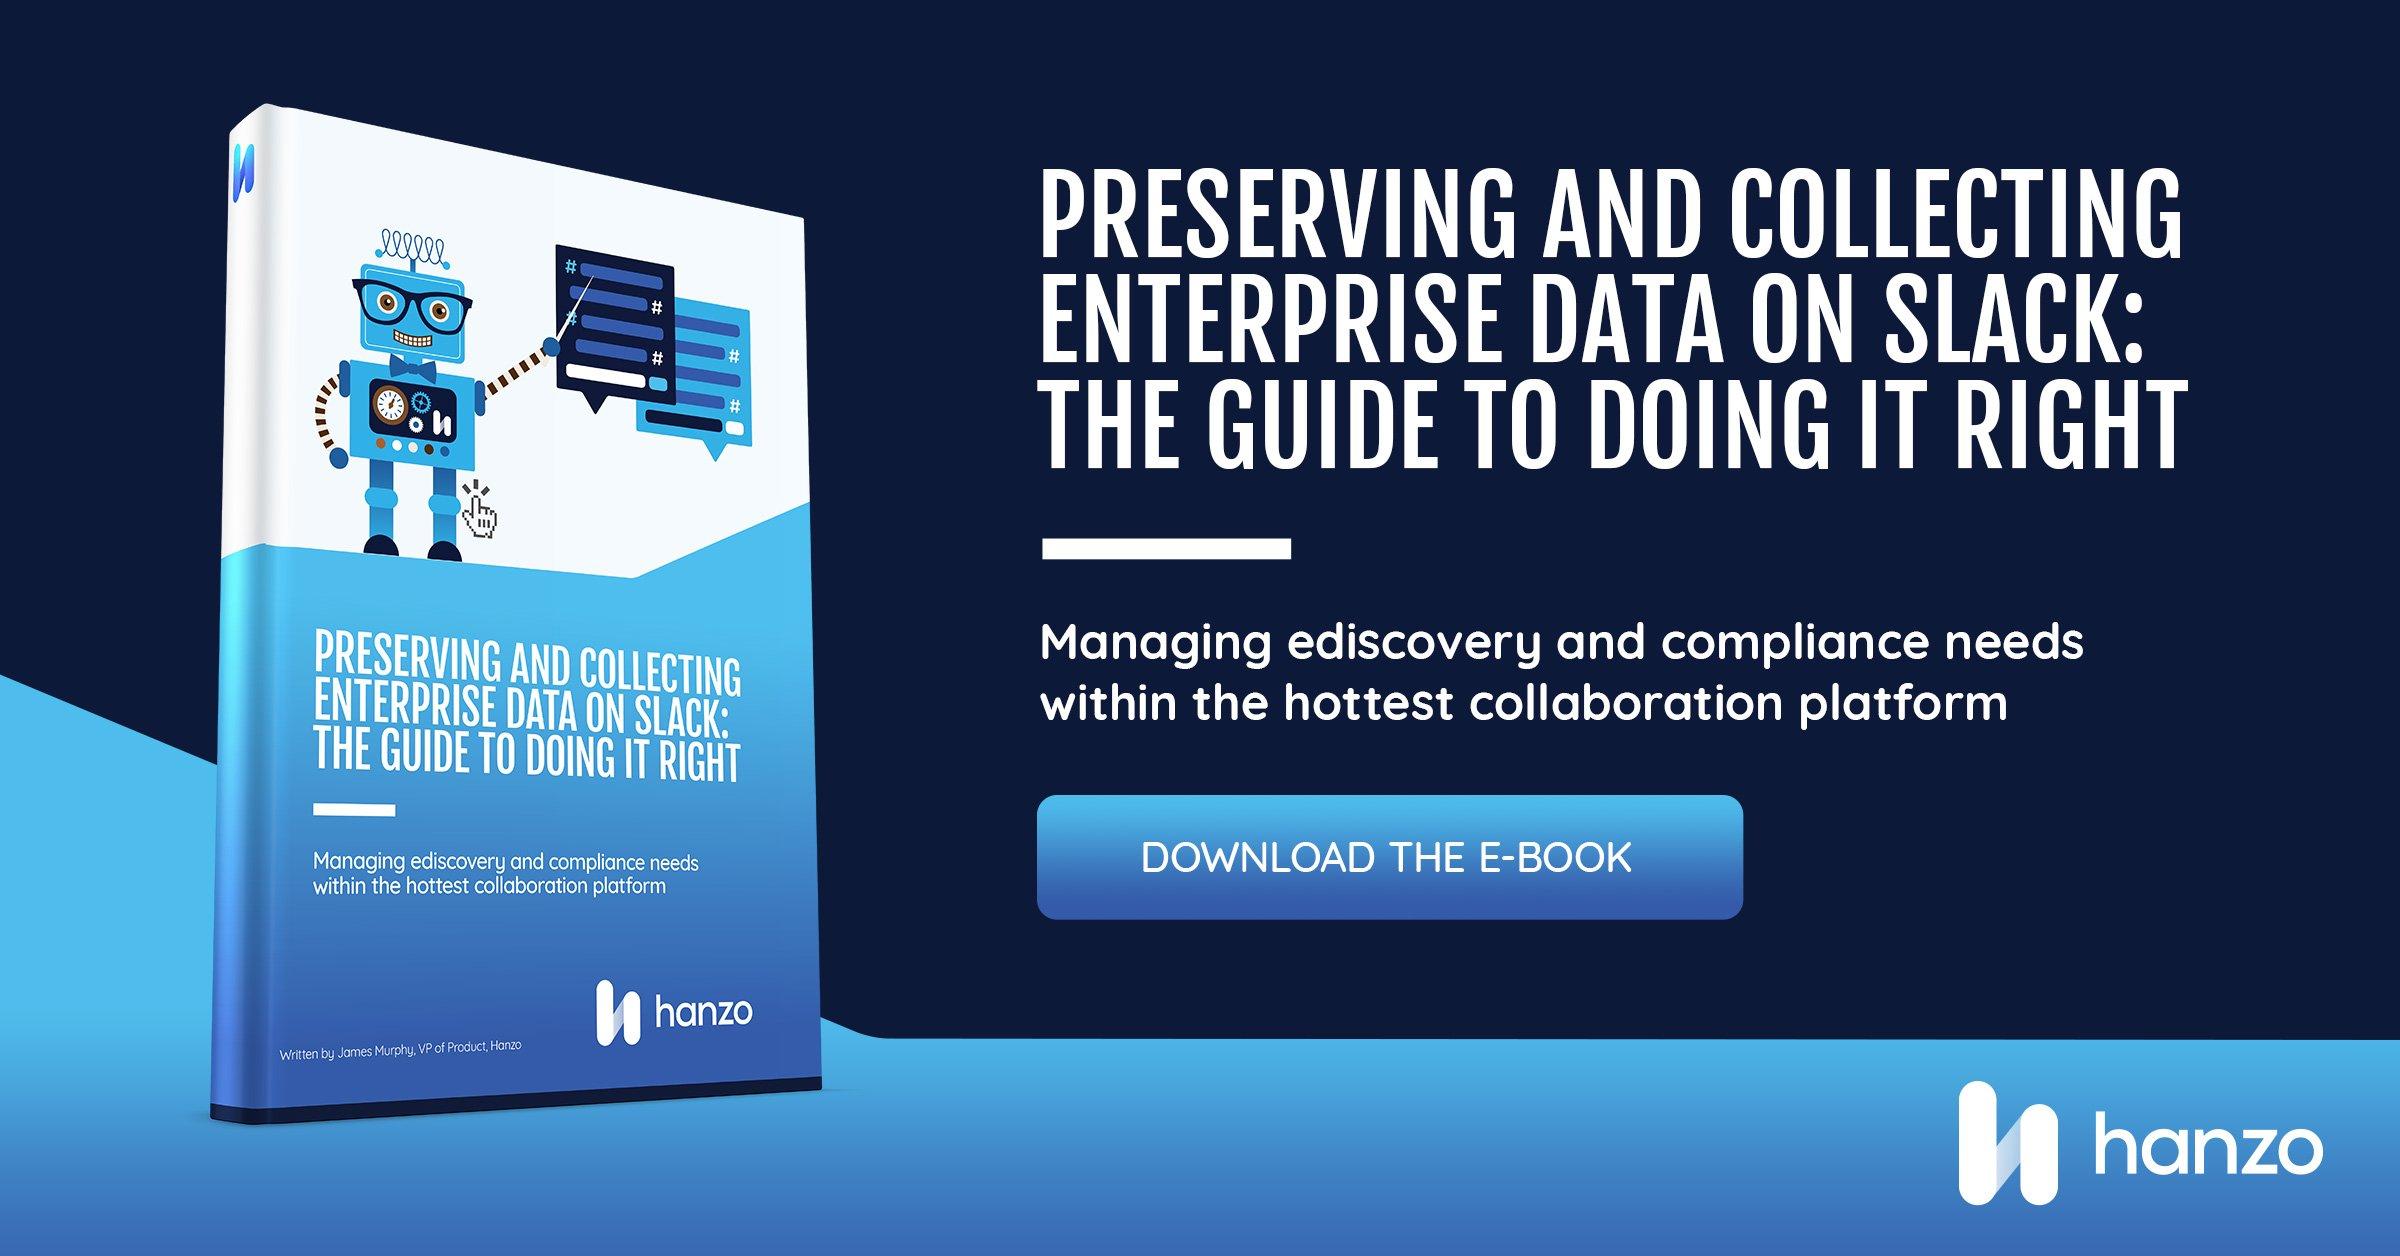 Social-Hanzo-eBook-Enterprise-Slack-Guide-Download-Offer-v2